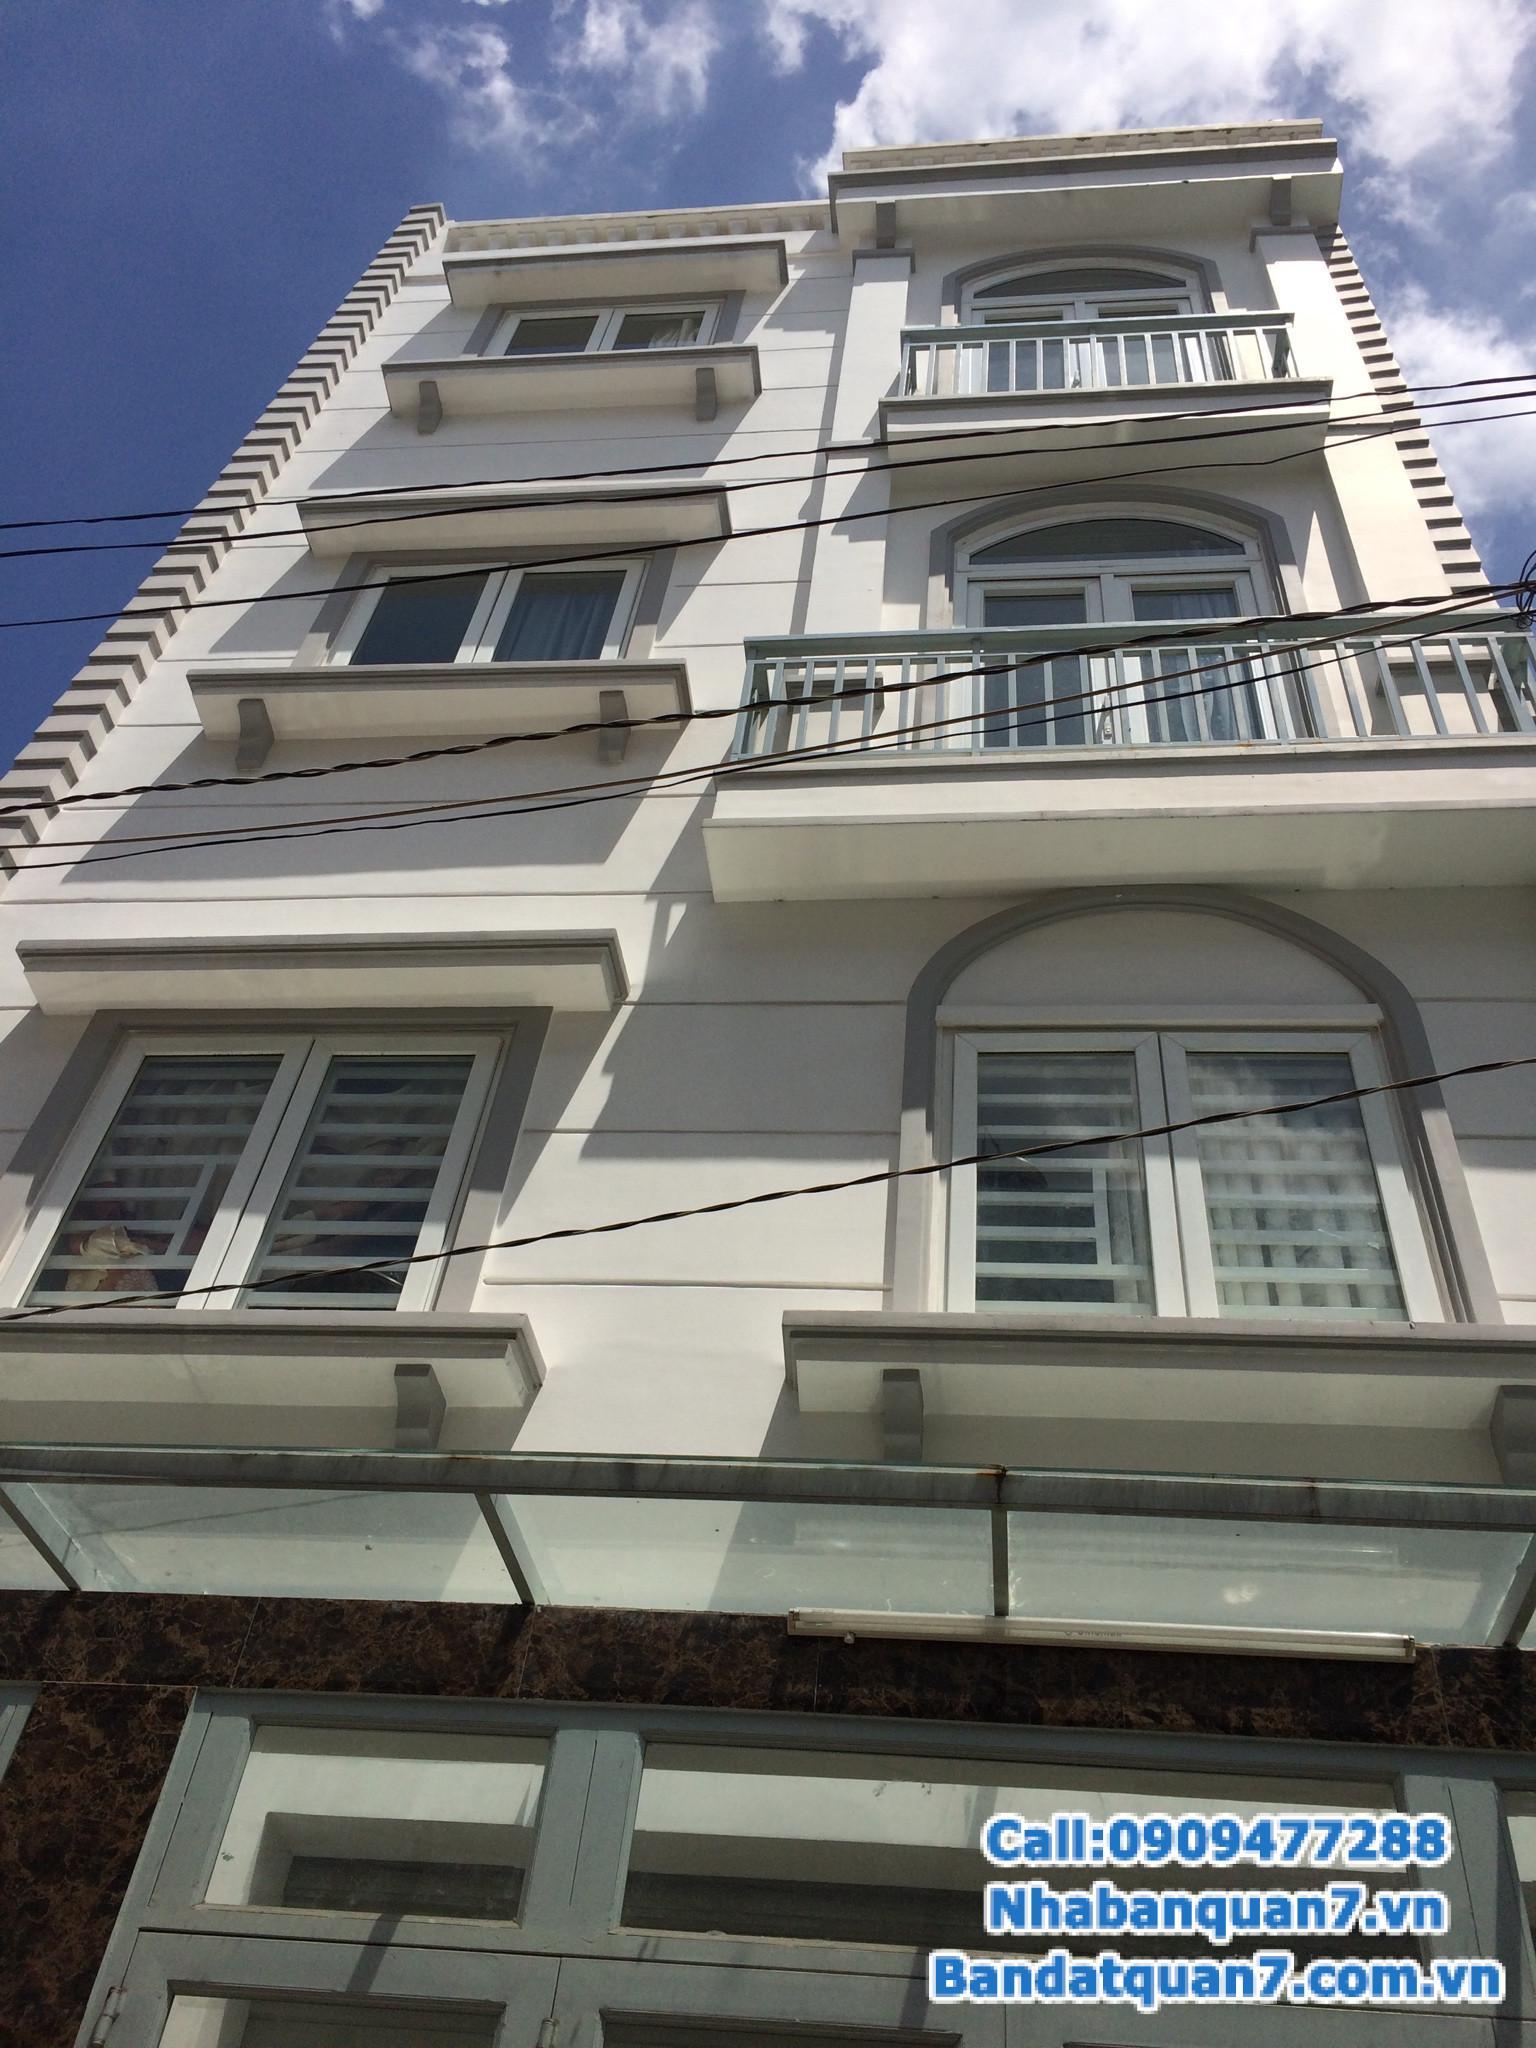 Bán nhà phường Phú Mỹ quận 7, diện tích 4x18m, giá 5 tỷ, LH 0909477288